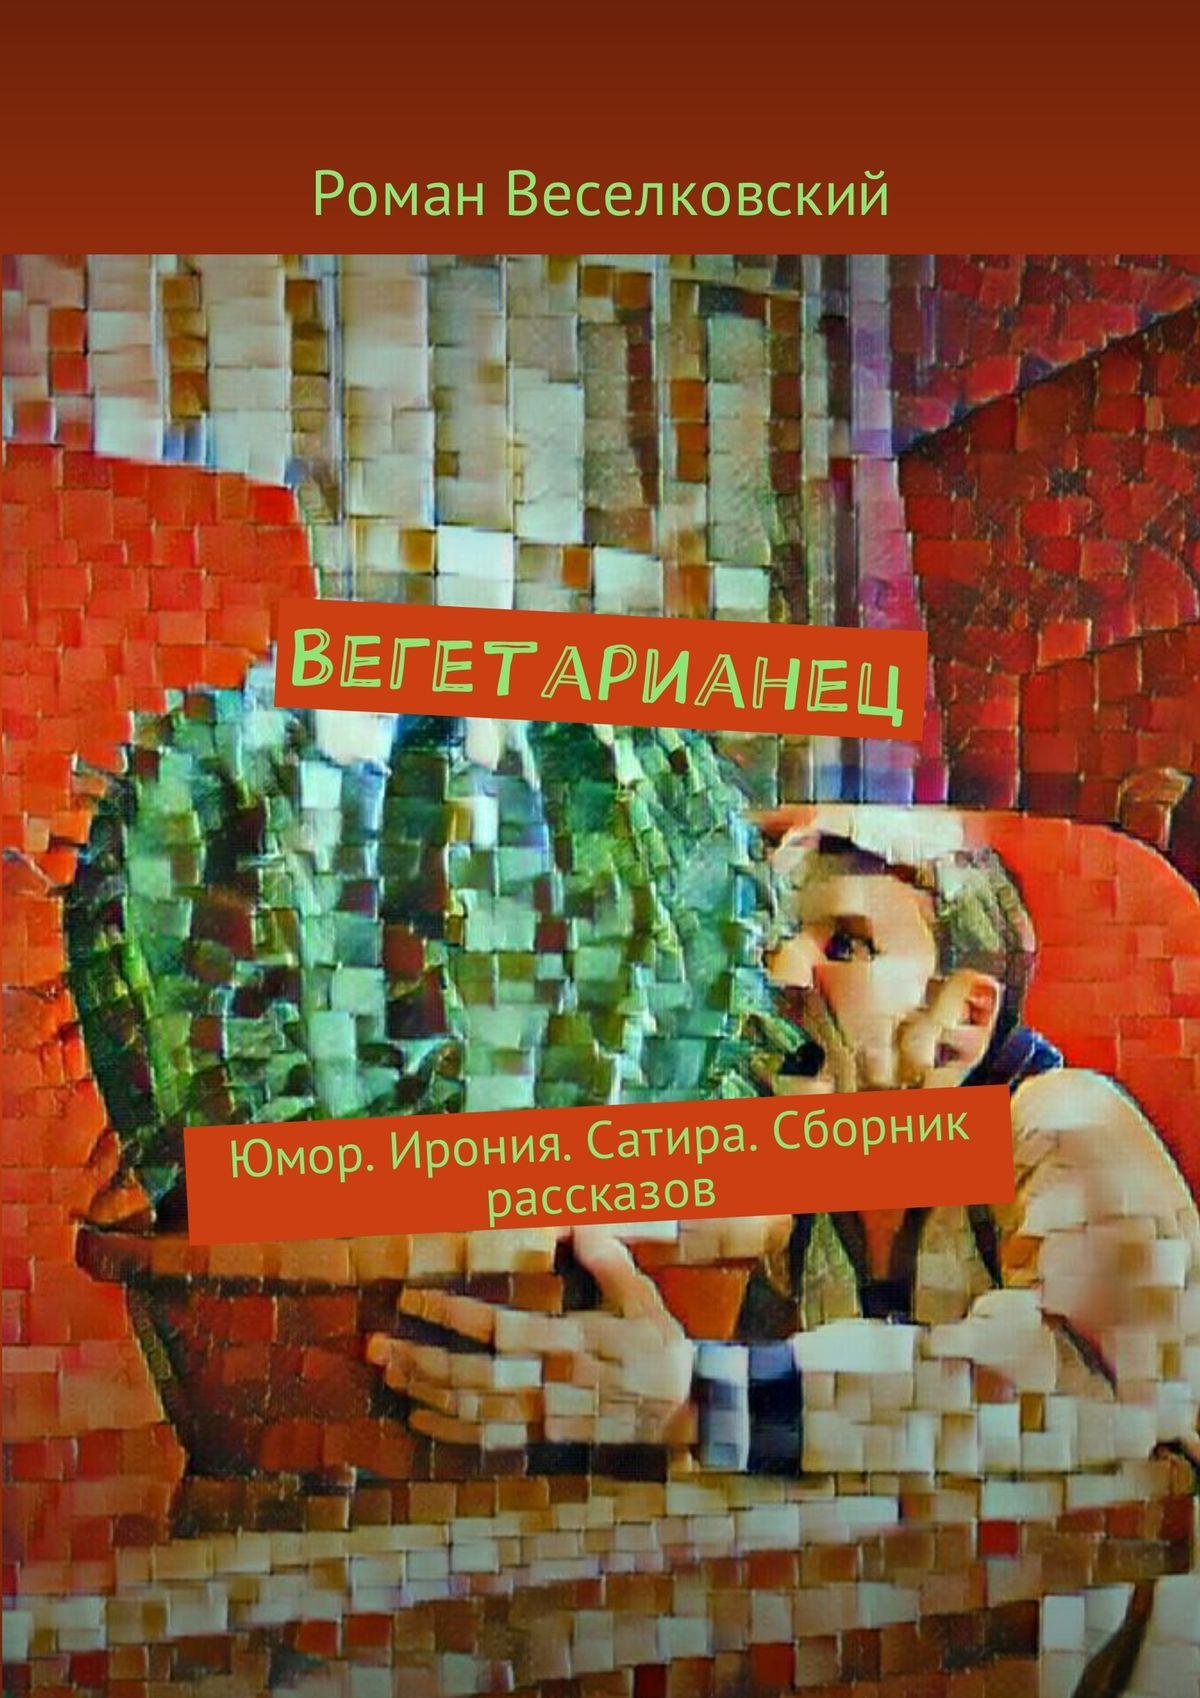 Роман Веселковский Вегетарианец. Юмор. Ирония. Сатира. Сборник рассказов с михалков сатира и юмор